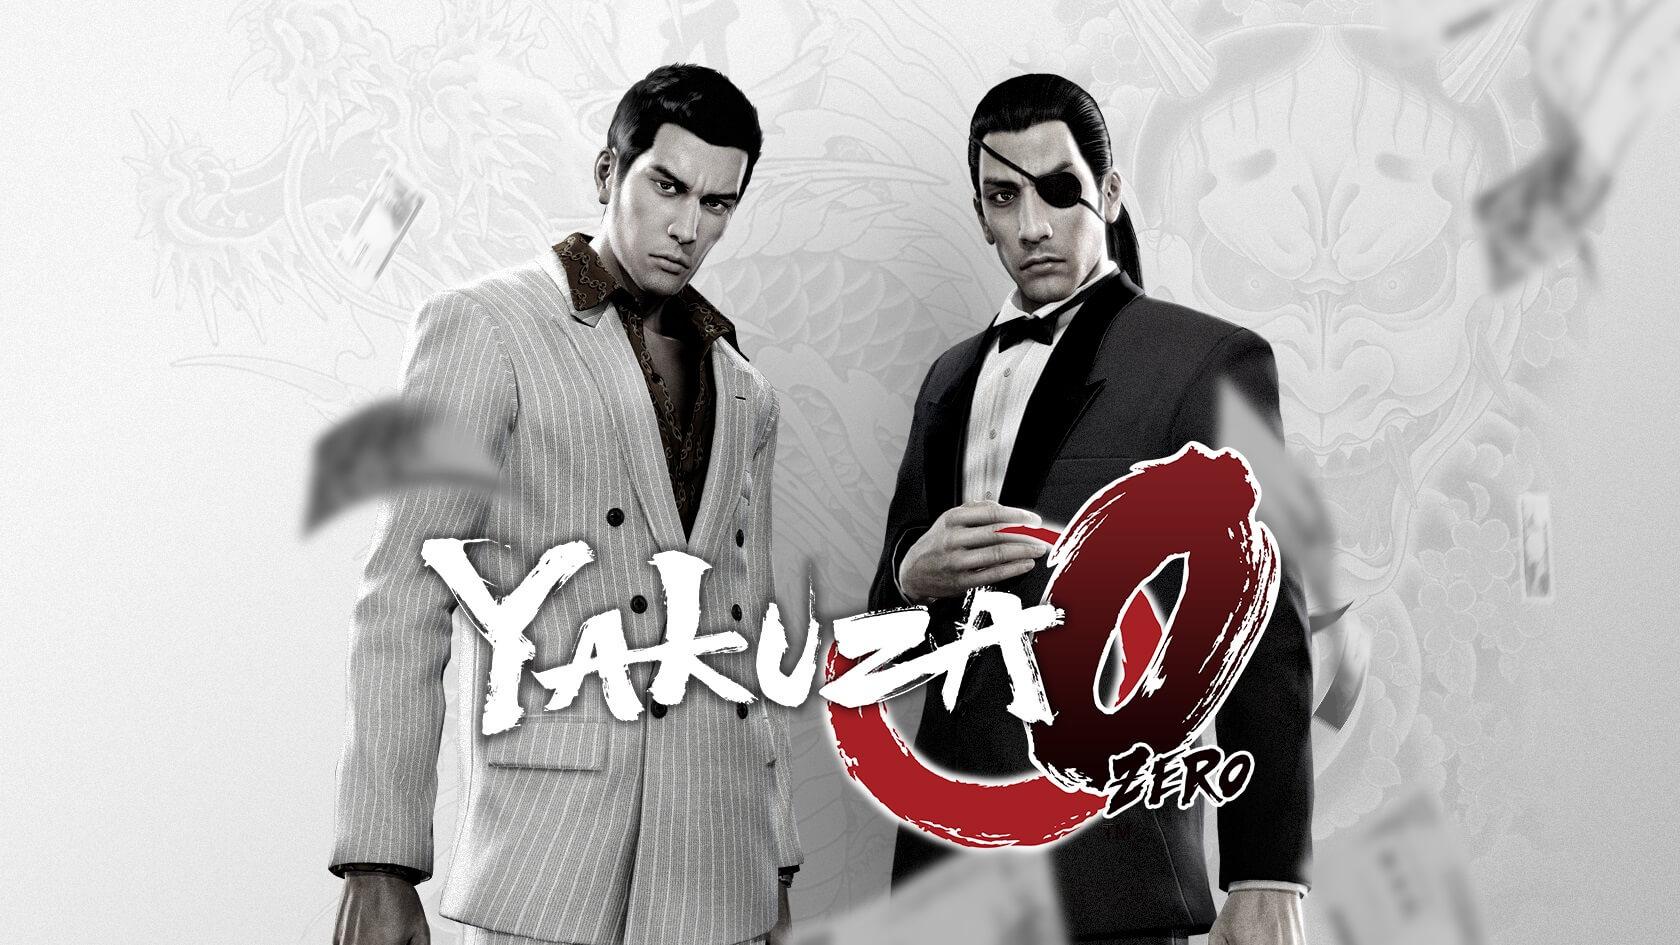 Владельцы Yakuza 0 и Yakuza Kiwami получат Deluxe Edition бесплатно